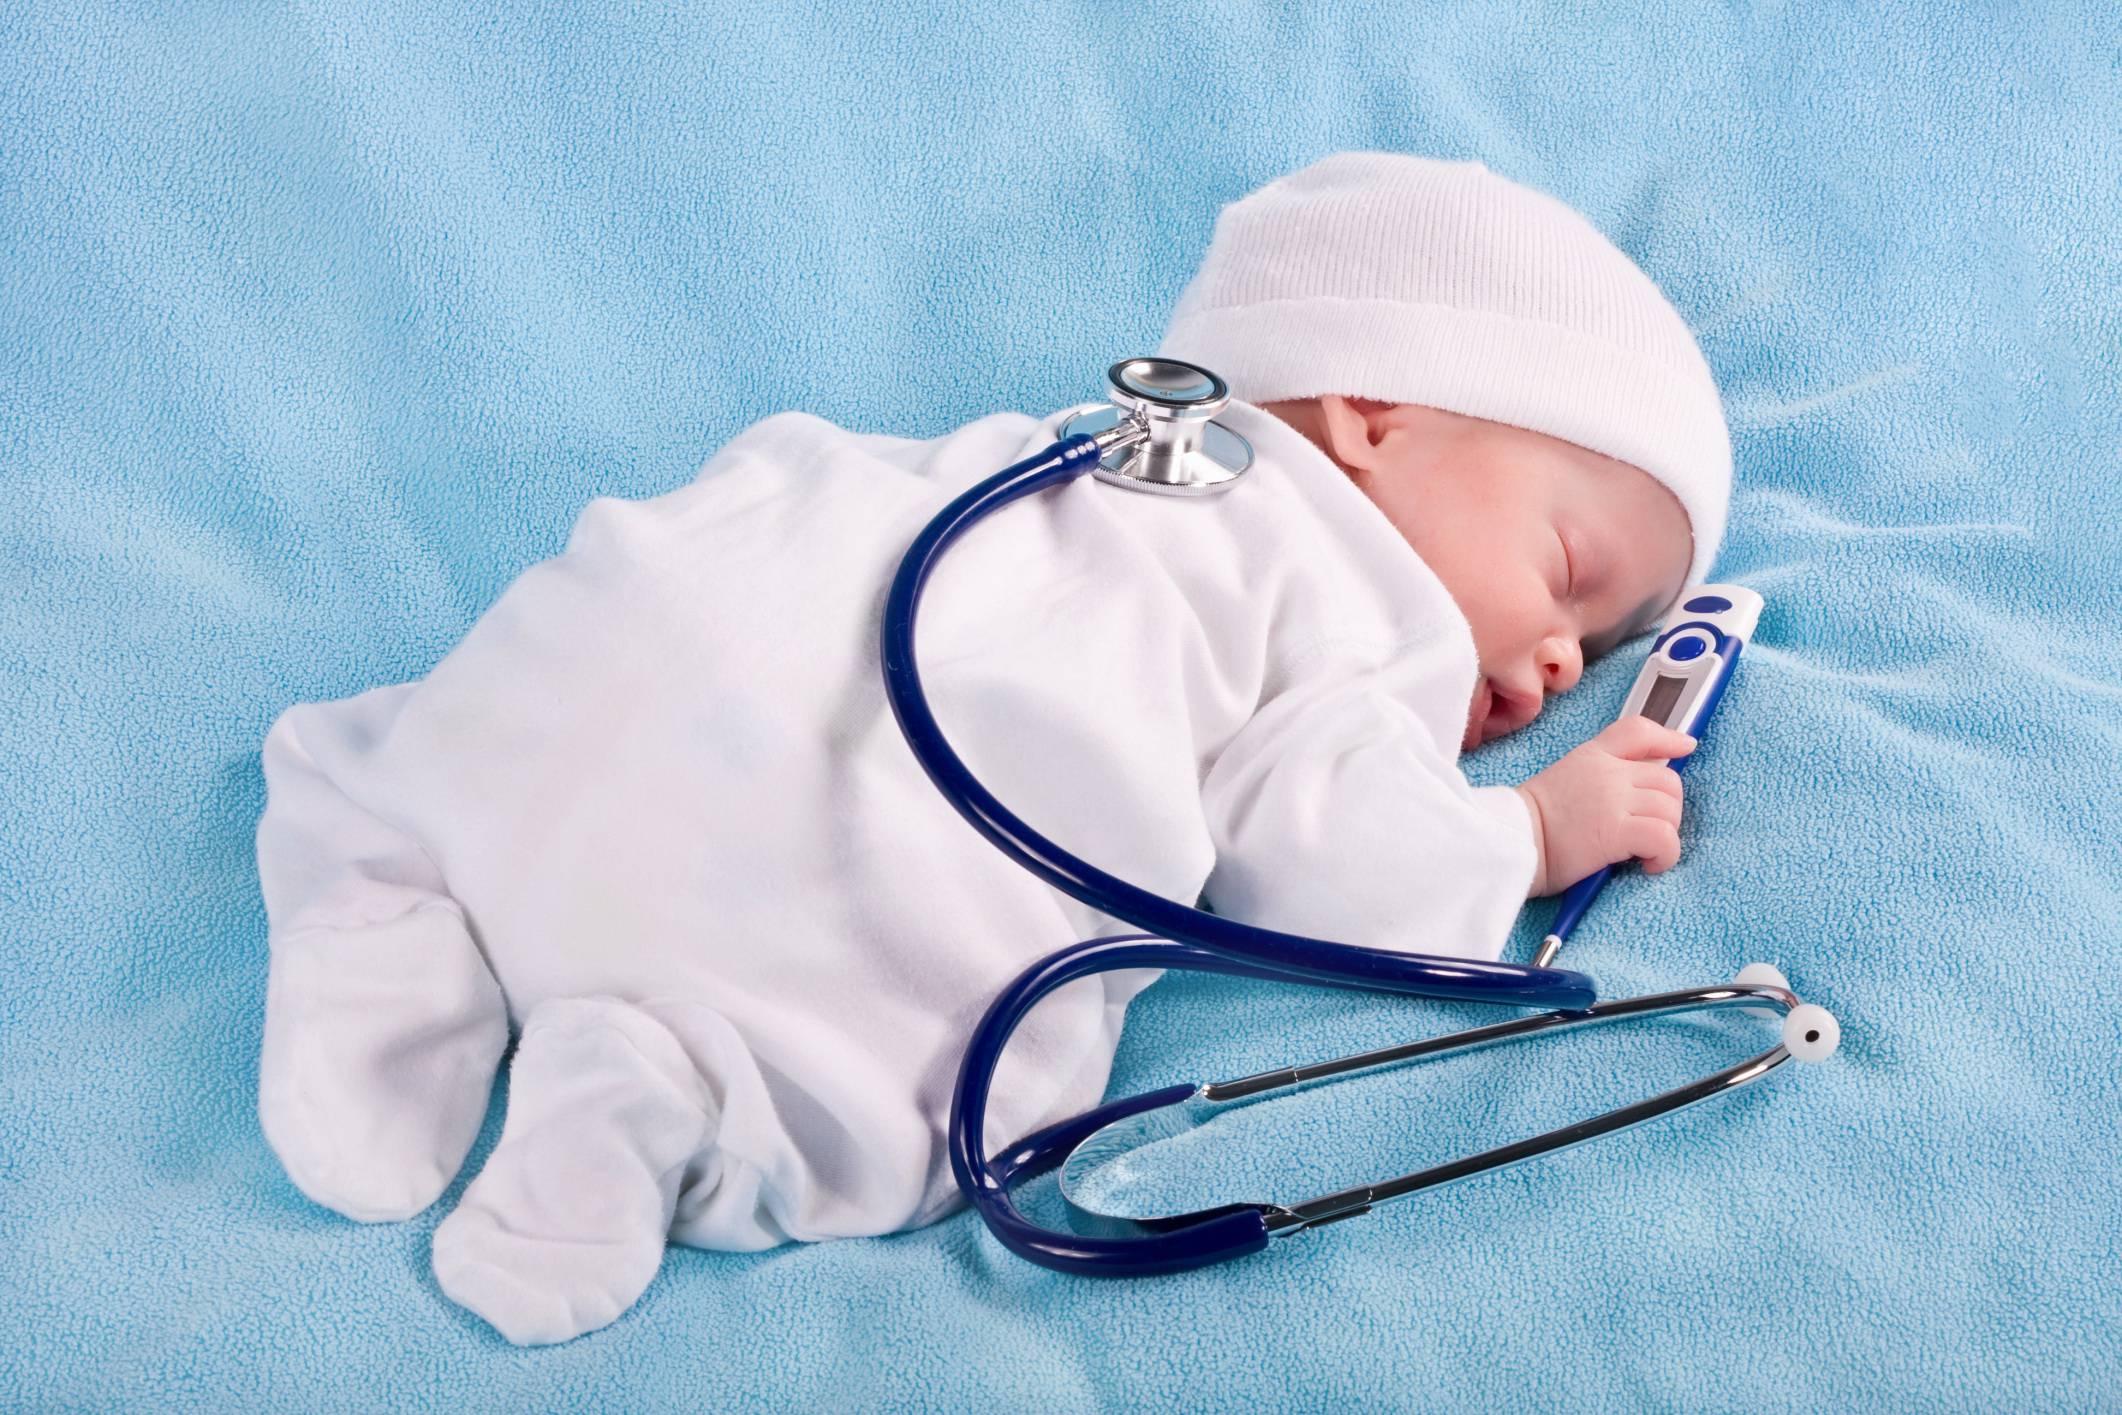 Neonato su letto con stetoscopio e termometro